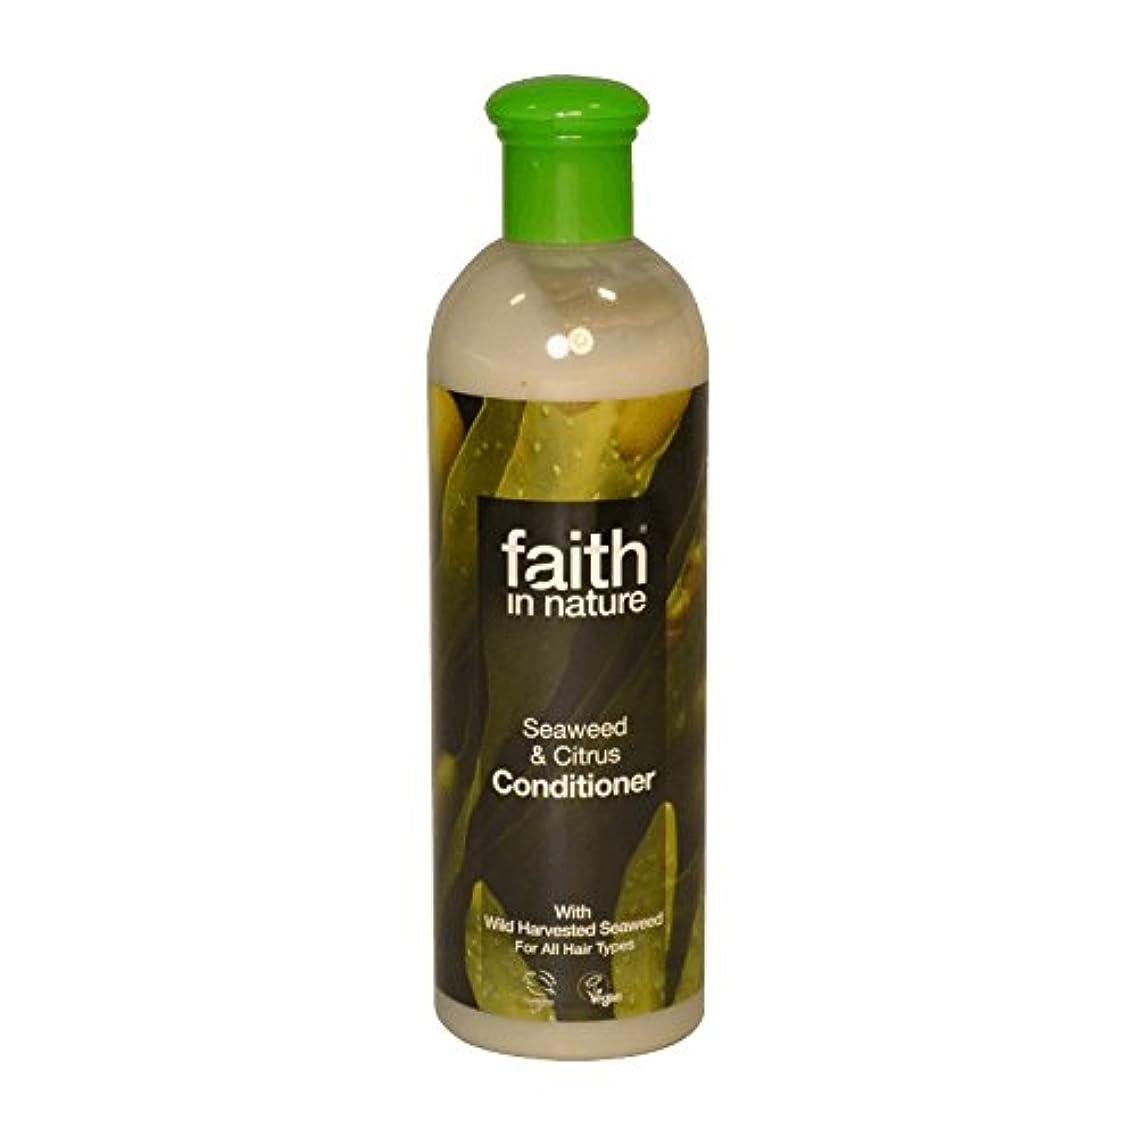 クスクスむちゃくちゃ人口自然の海藻&シトラスコンディショナー400ミリリットルの信仰 - Faith in Nature Seaweed & Citrus Conditioner 400ml (Faith in Nature) [並行輸入品]